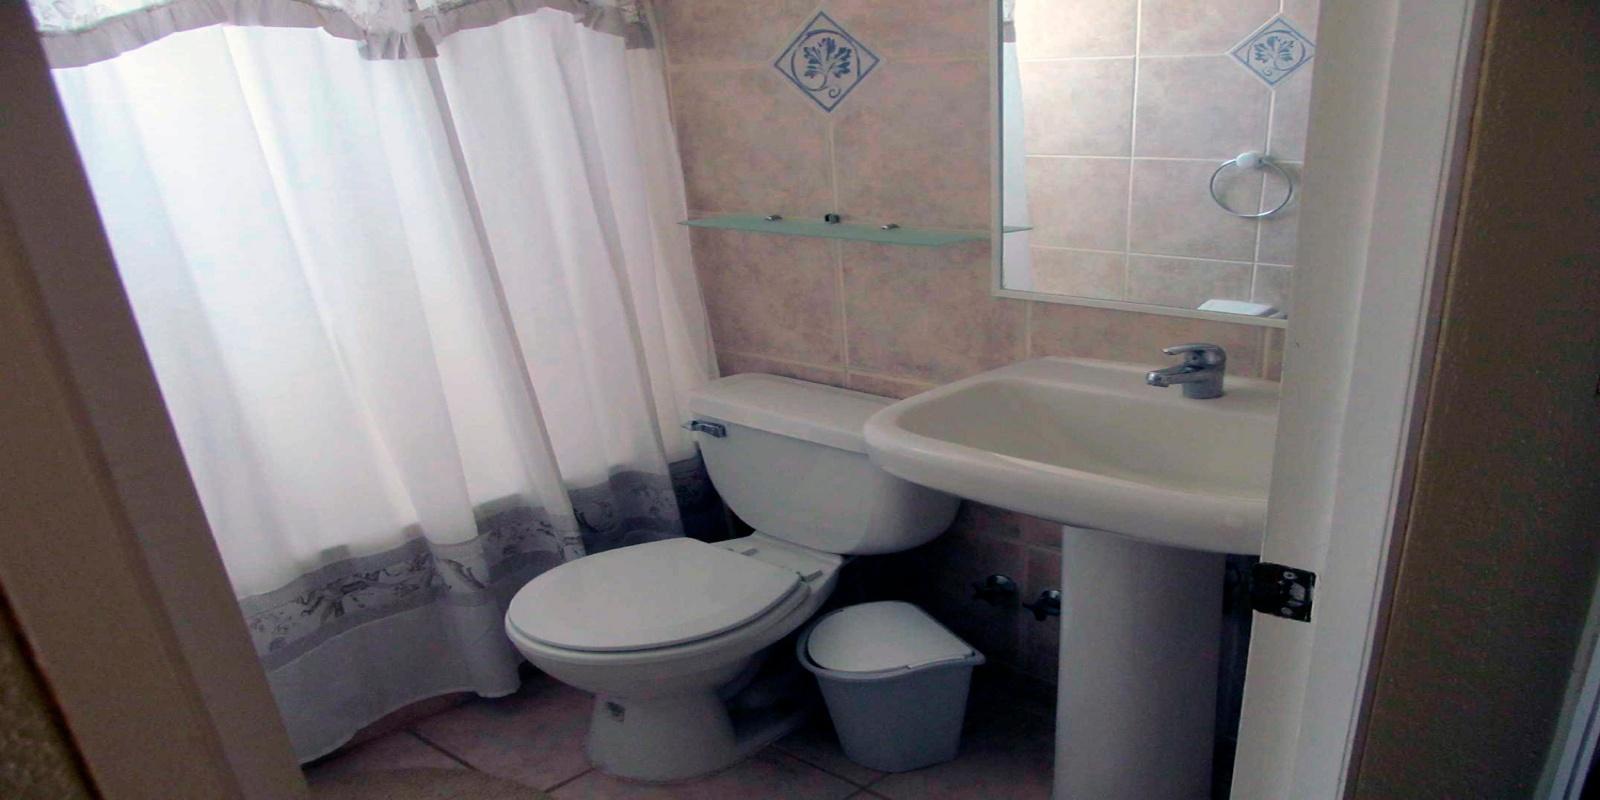 3 Bedrooms Bedrooms,2 BathroomsBathrooms,Departamento,1028